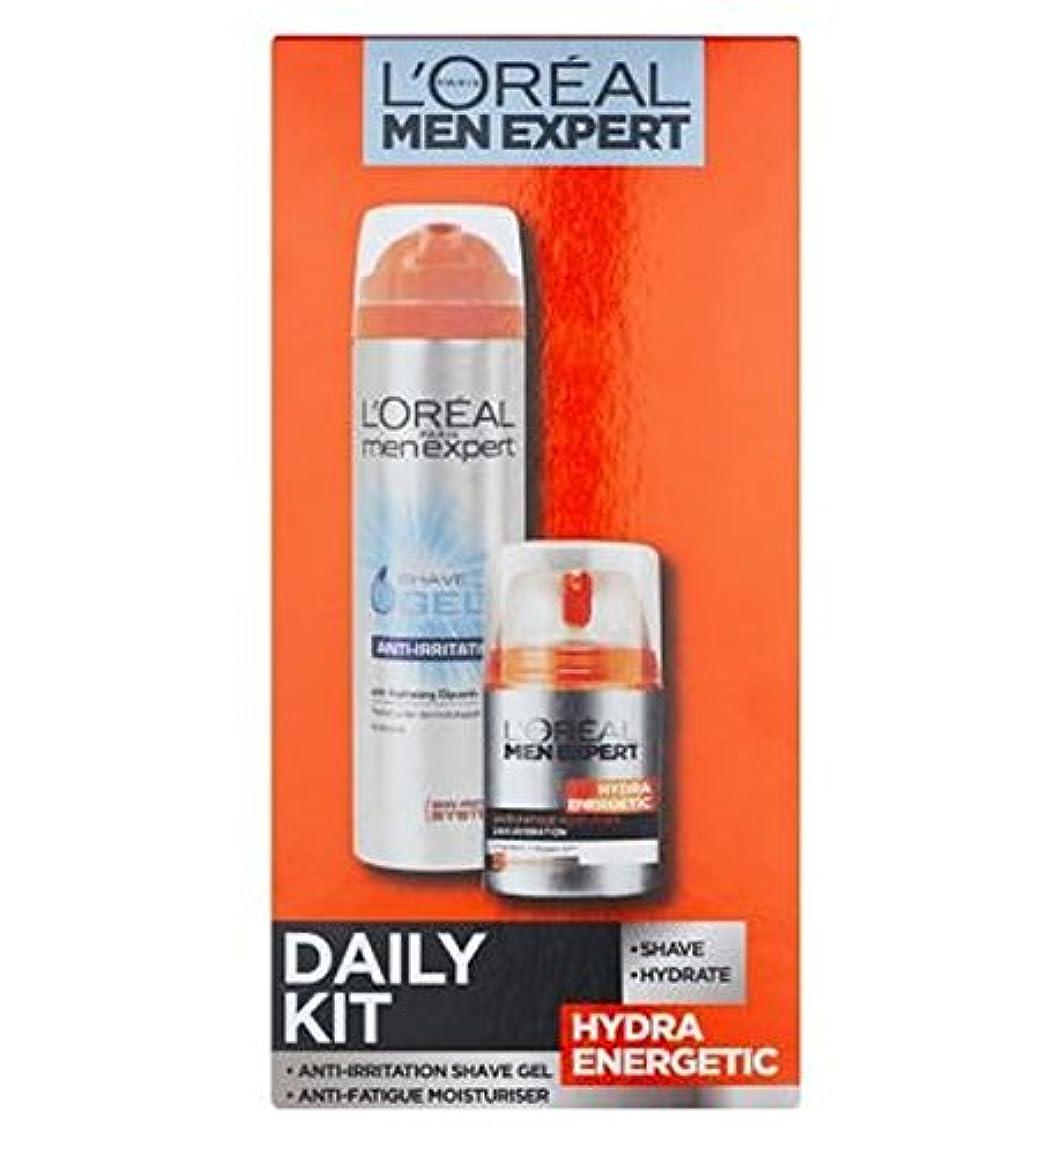 腐敗した忠実将来のL'Oreal Men Expert Hydra Energetic Daily Skincare Kit - ロレアルの男性の専門家ヒドラエネルギッシュな毎日のスキンケアキット (L'Oreal) [並行輸入品]